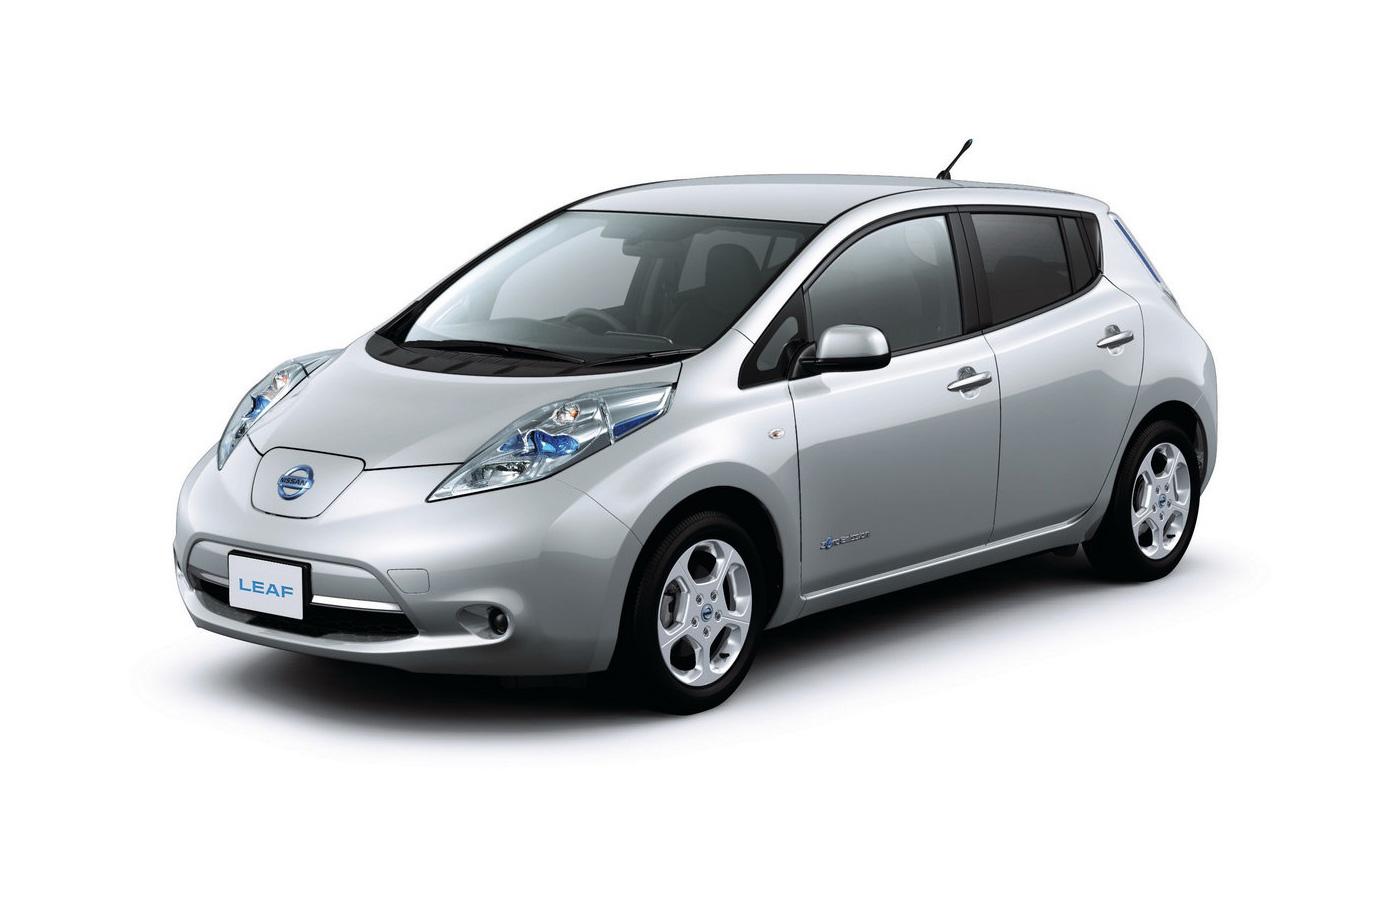 Б/у електромобіль Nissan Leaf